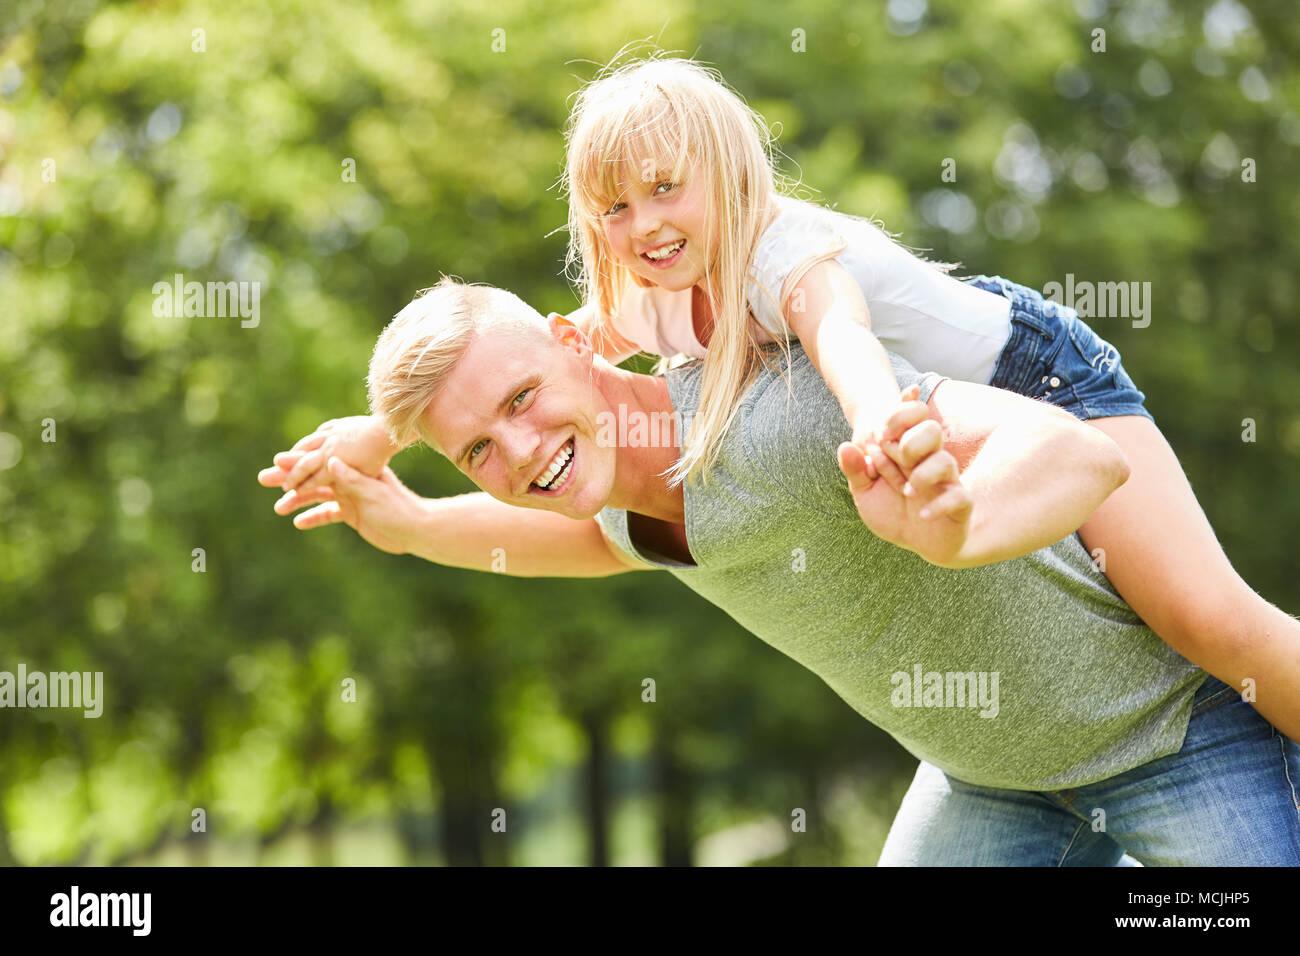 uomo che esce con sua figlia